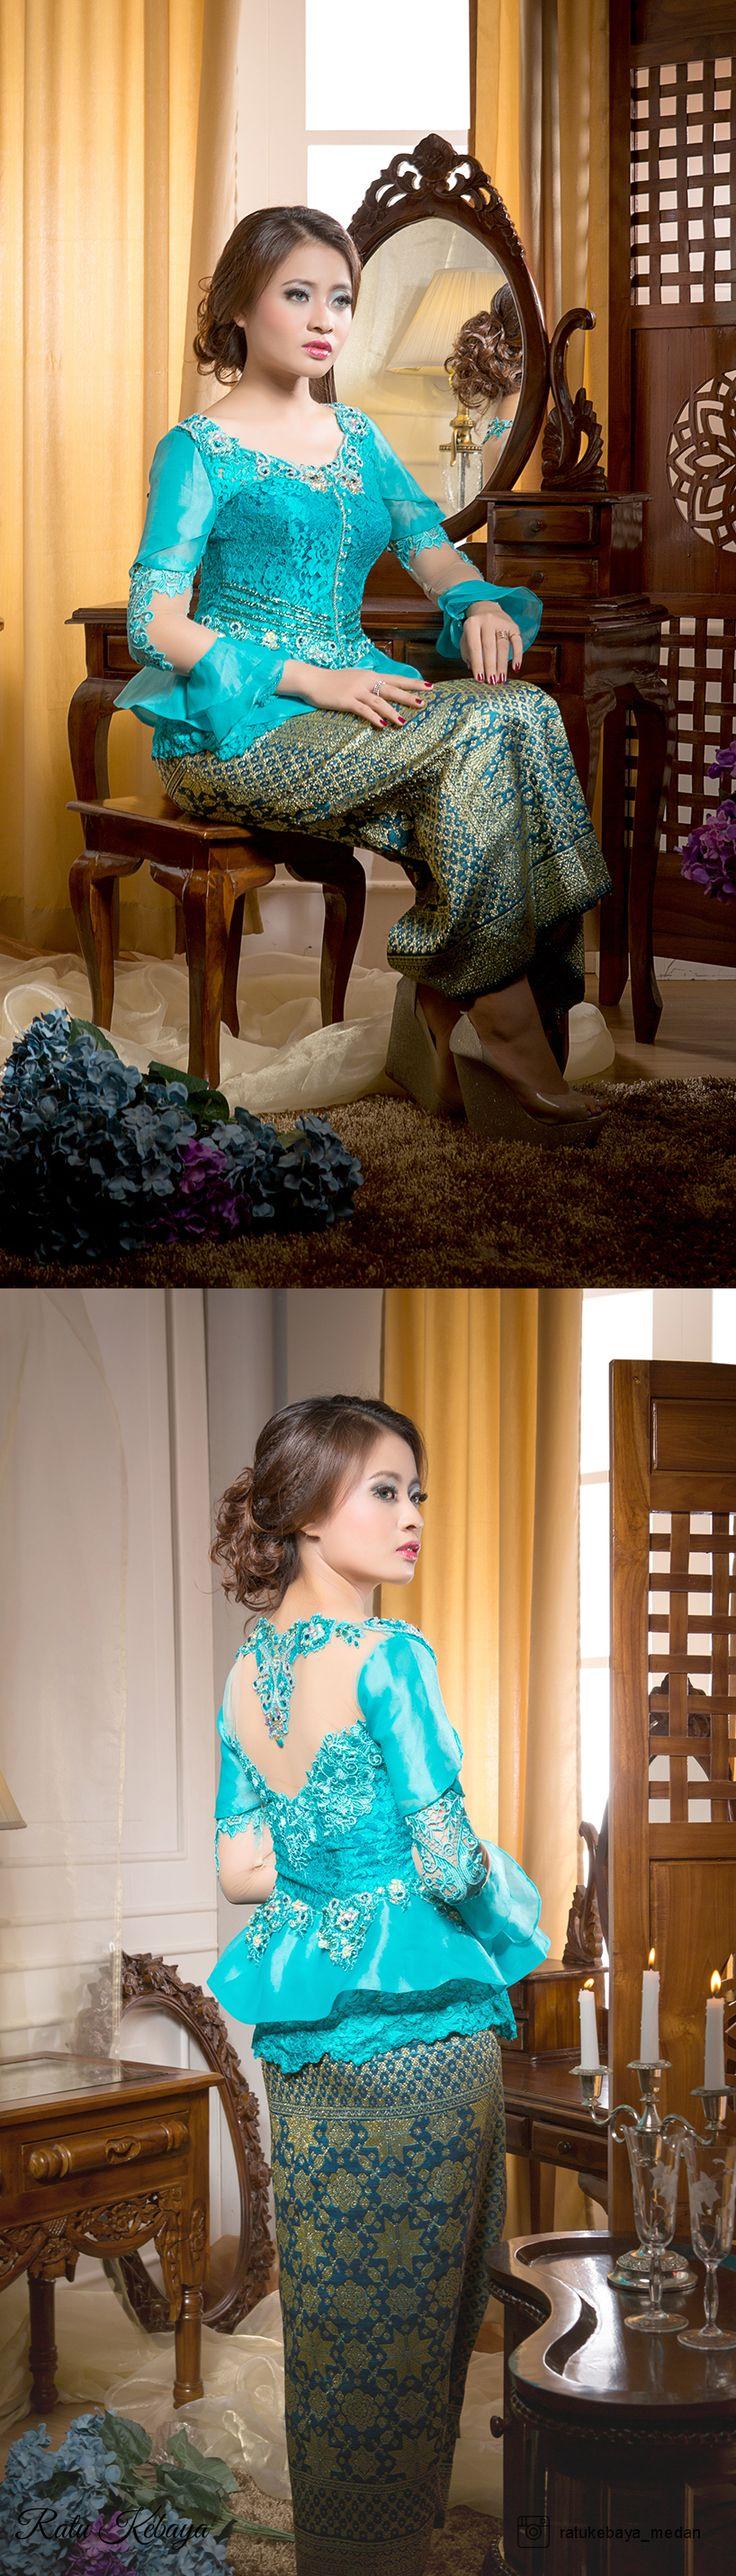 Inspirasi kebaya wisuda rancangan Ratu Kebaya. More info, visit our IG @ratukebaya_medan